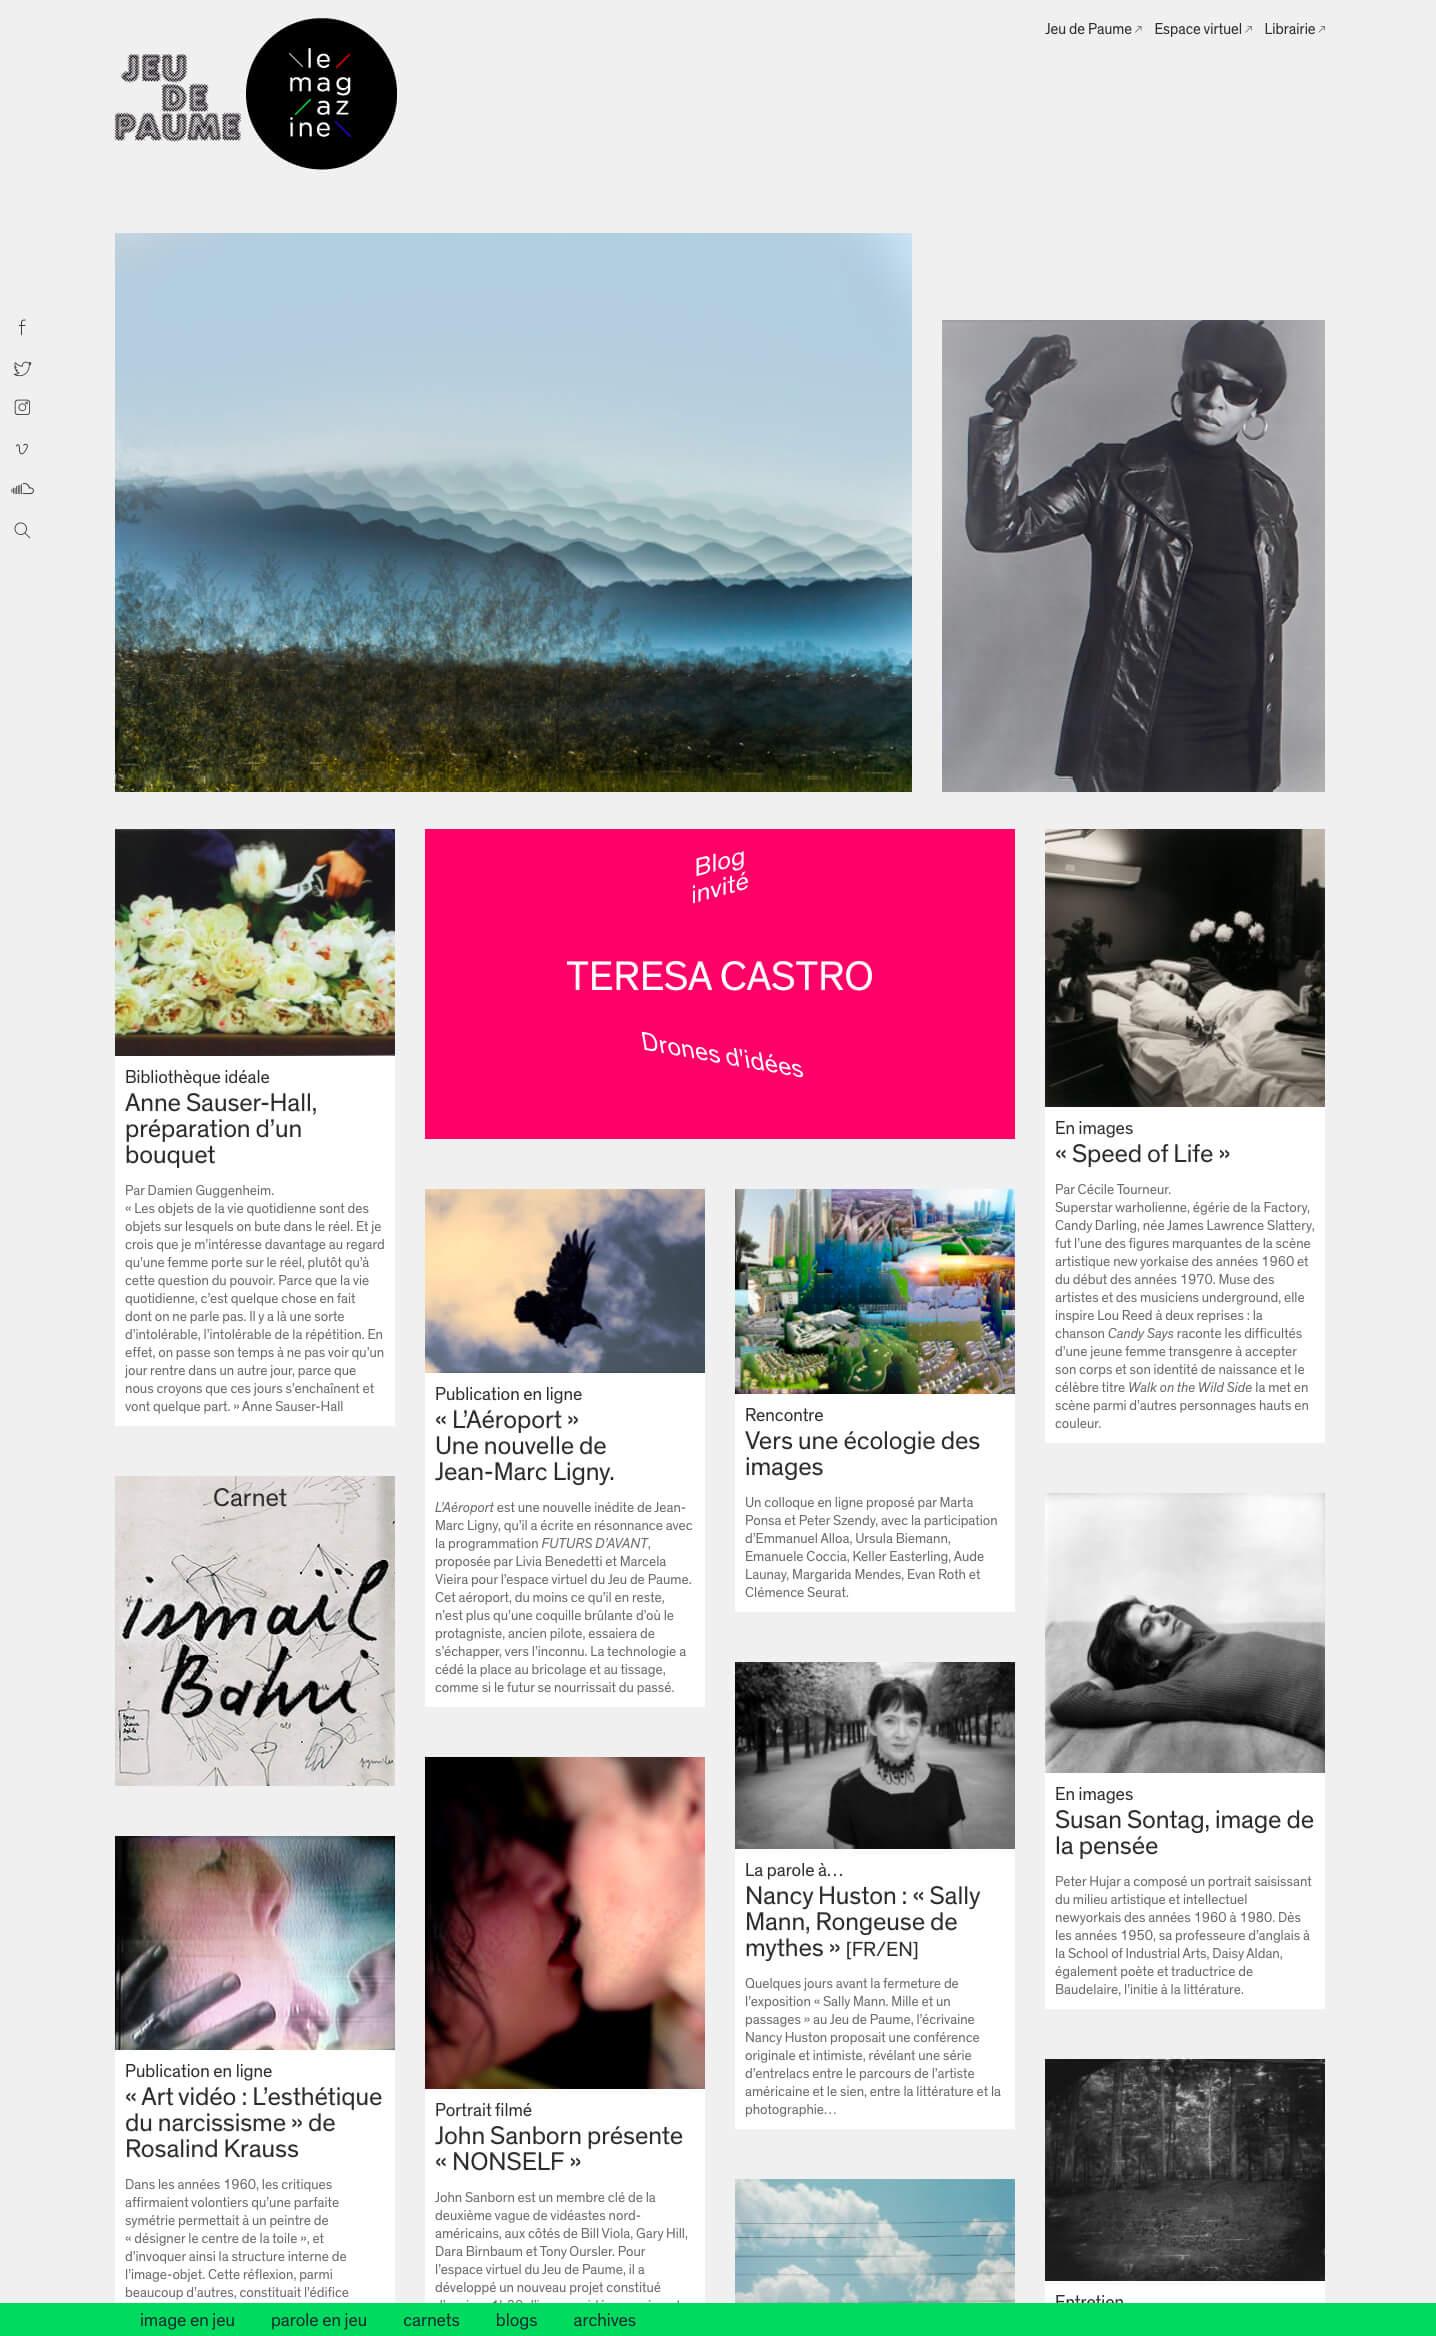 le magazine en ligne du Jeu de Paume (2009 - 2020), page d'accueil © Jeu de Paume